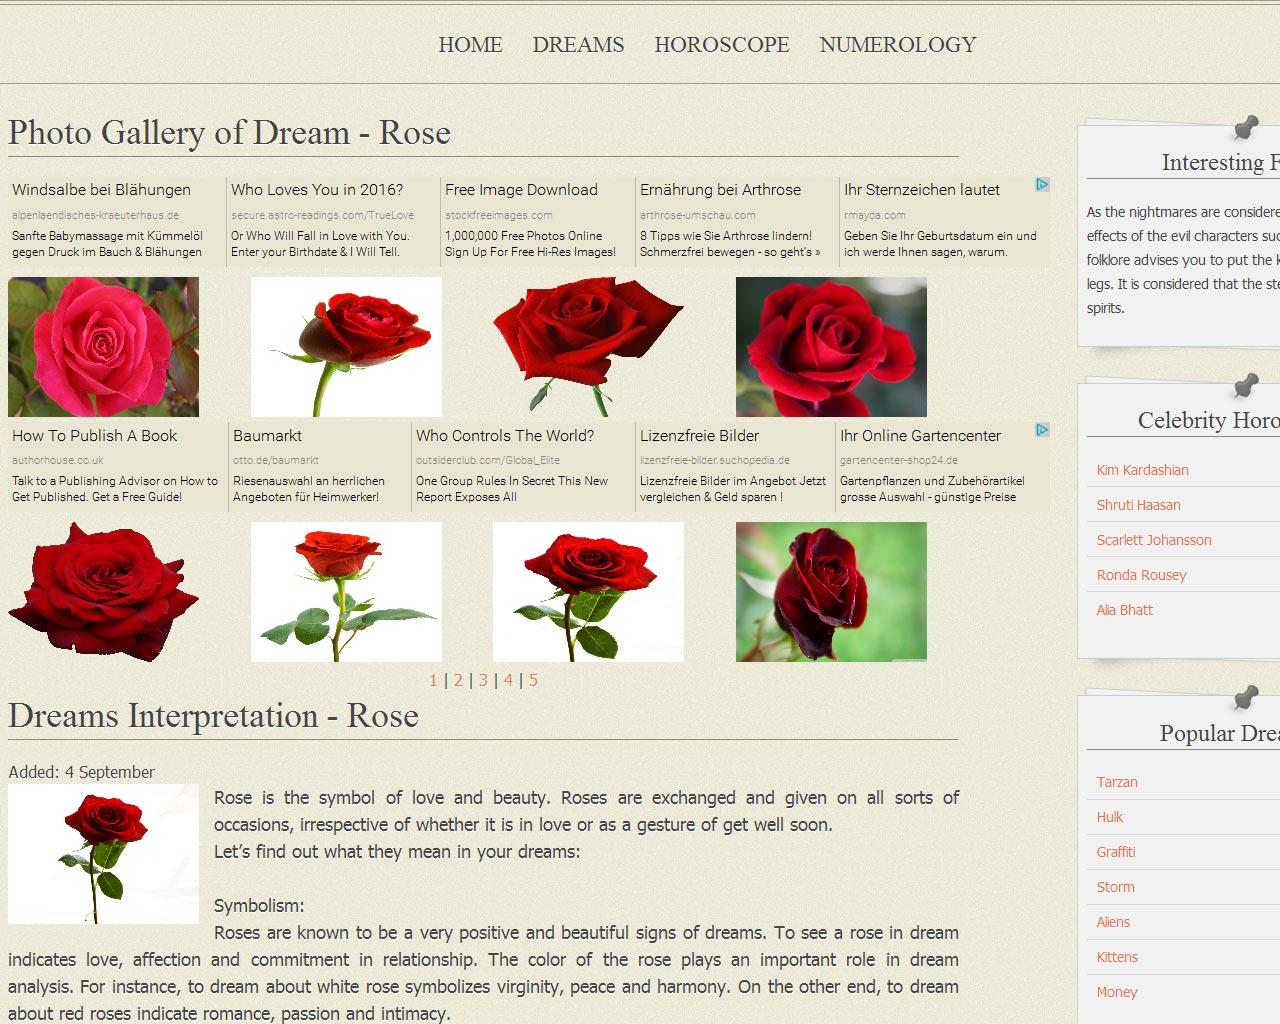 Website weknowyourdreamz.com - Bilder und Werbung